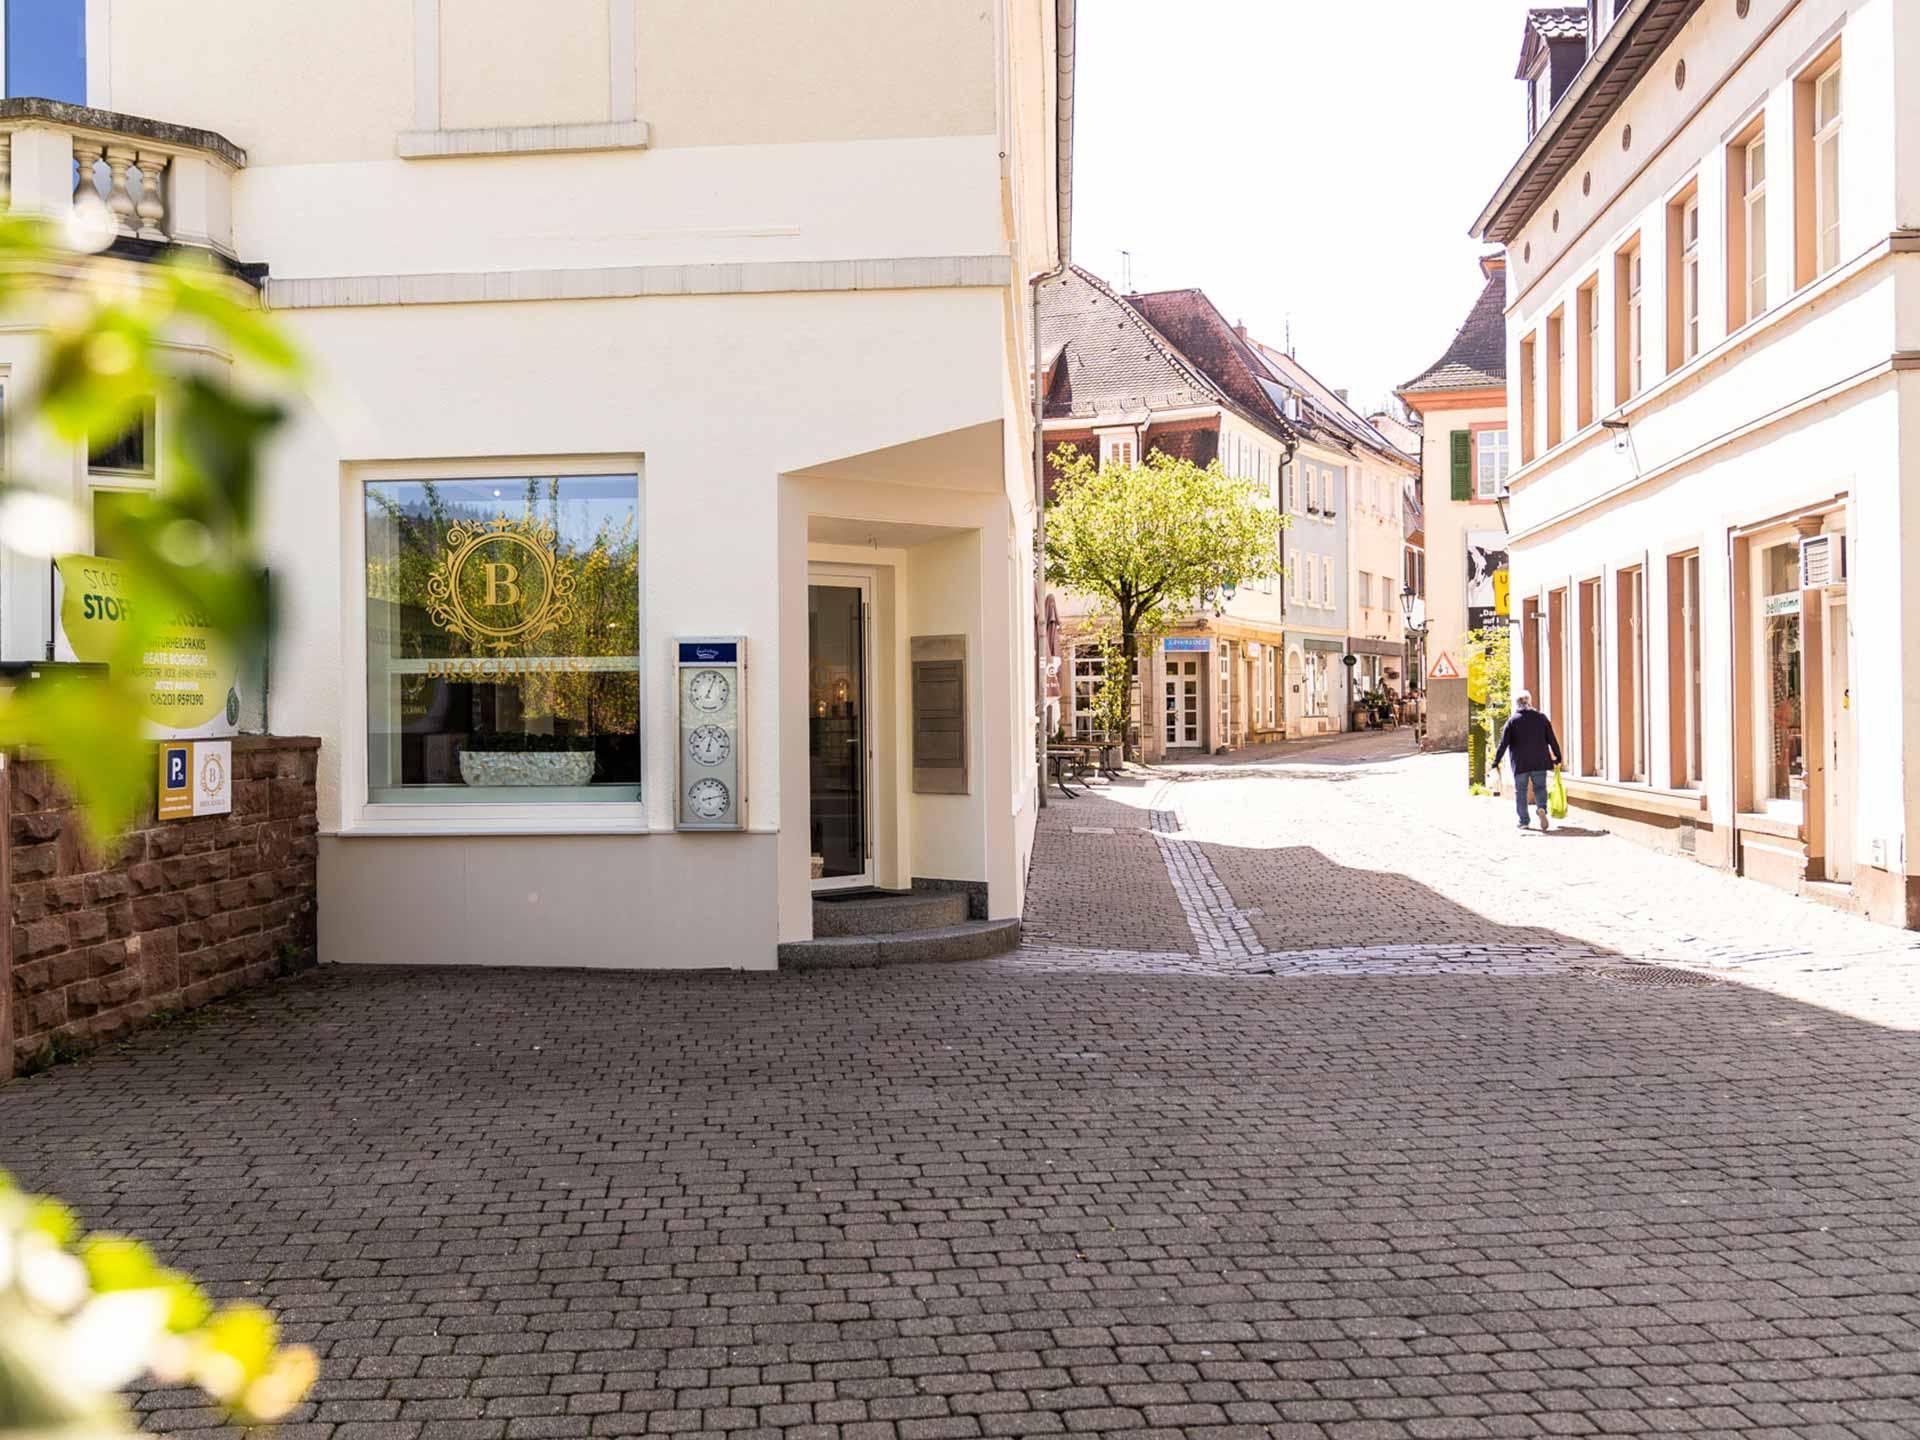 Brockhaus GmbH Immobilienmakler in Weinheim Bild Büro außen